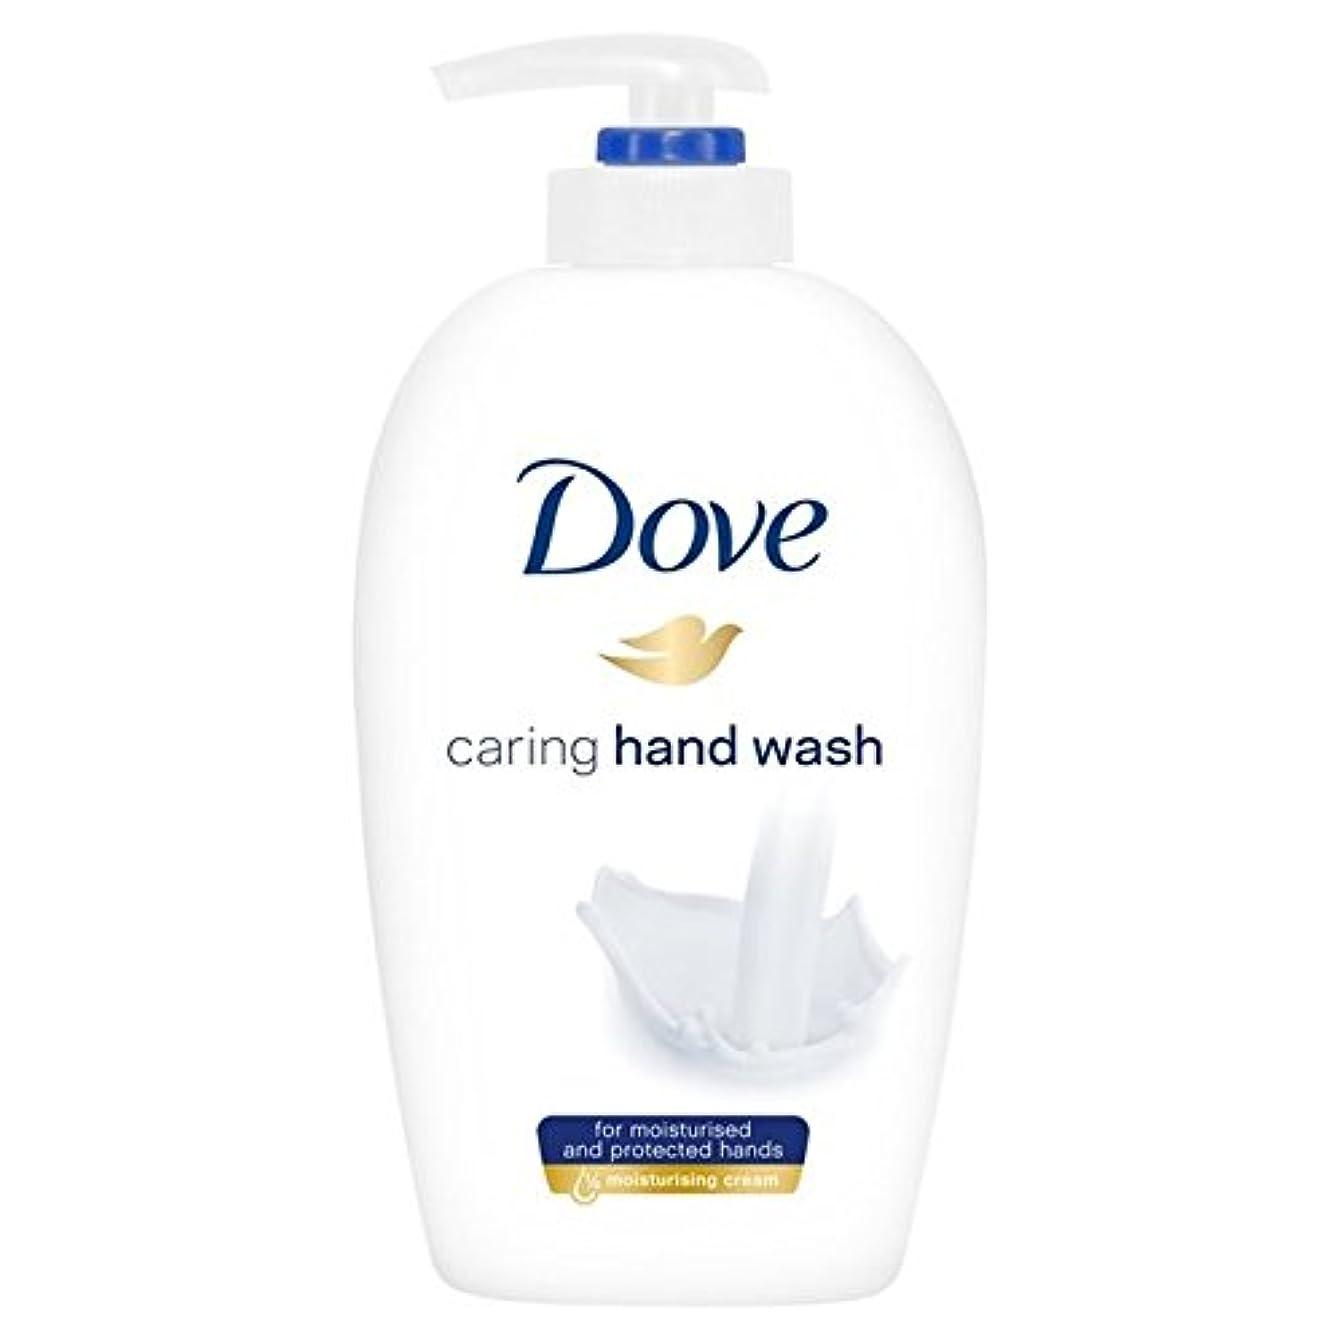 ルーチンエジプト人酸度鳩思いやり手洗い250ミリリットル x2 - Dove Caring Hand Wash 250ml (Pack of 2) [並行輸入品]